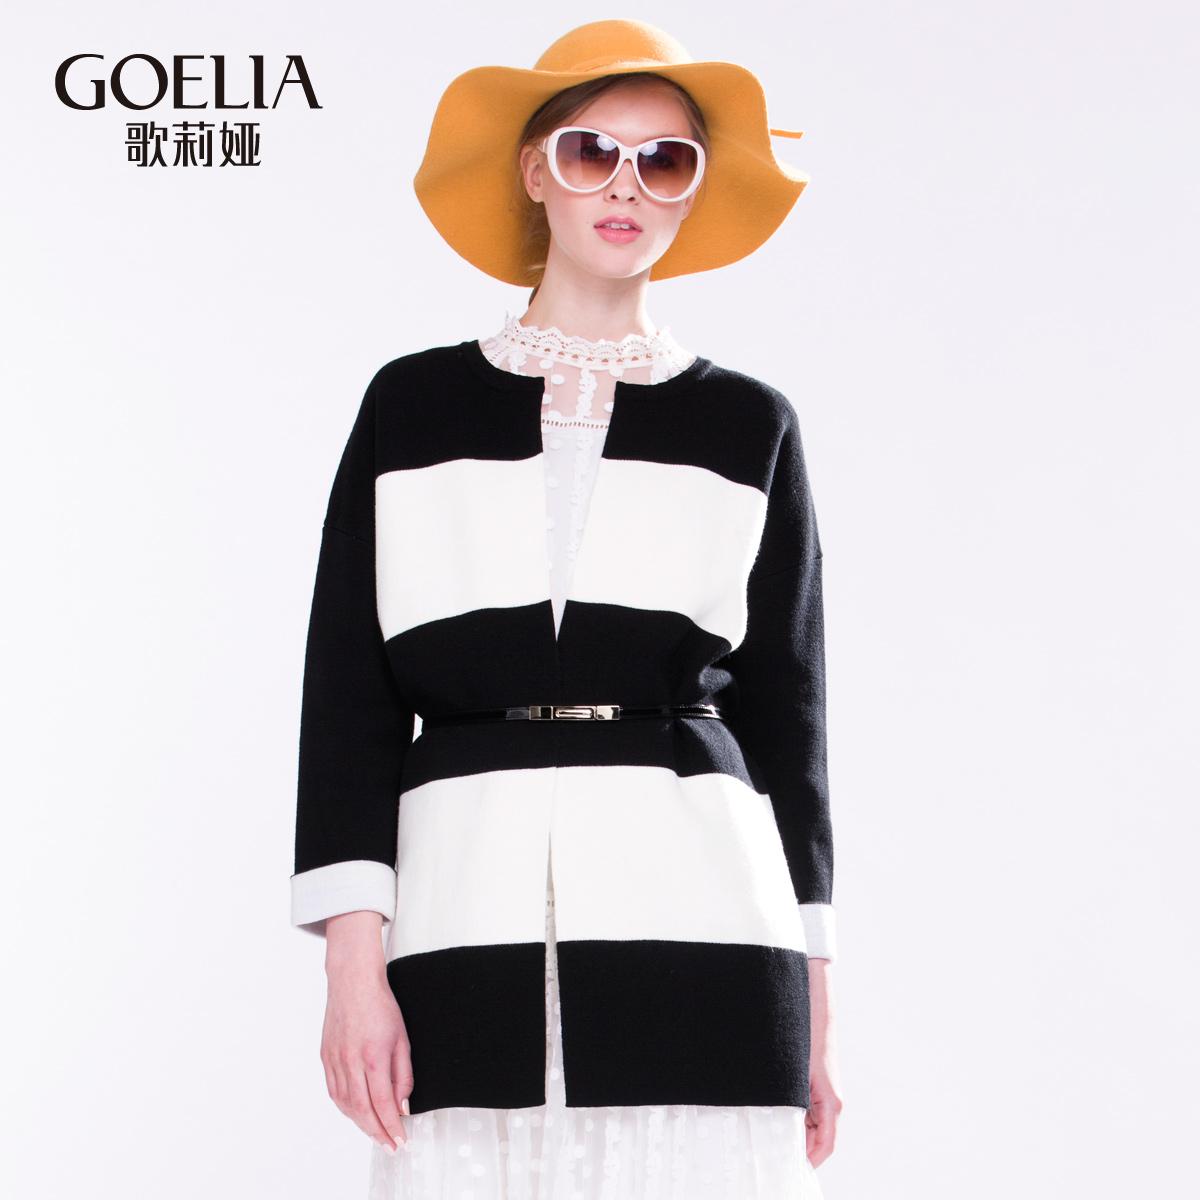 歌莉娅女装 歌莉娅秋款两面穿配送皮带外套 159J5F180_推荐淘宝好看的歌莉娅